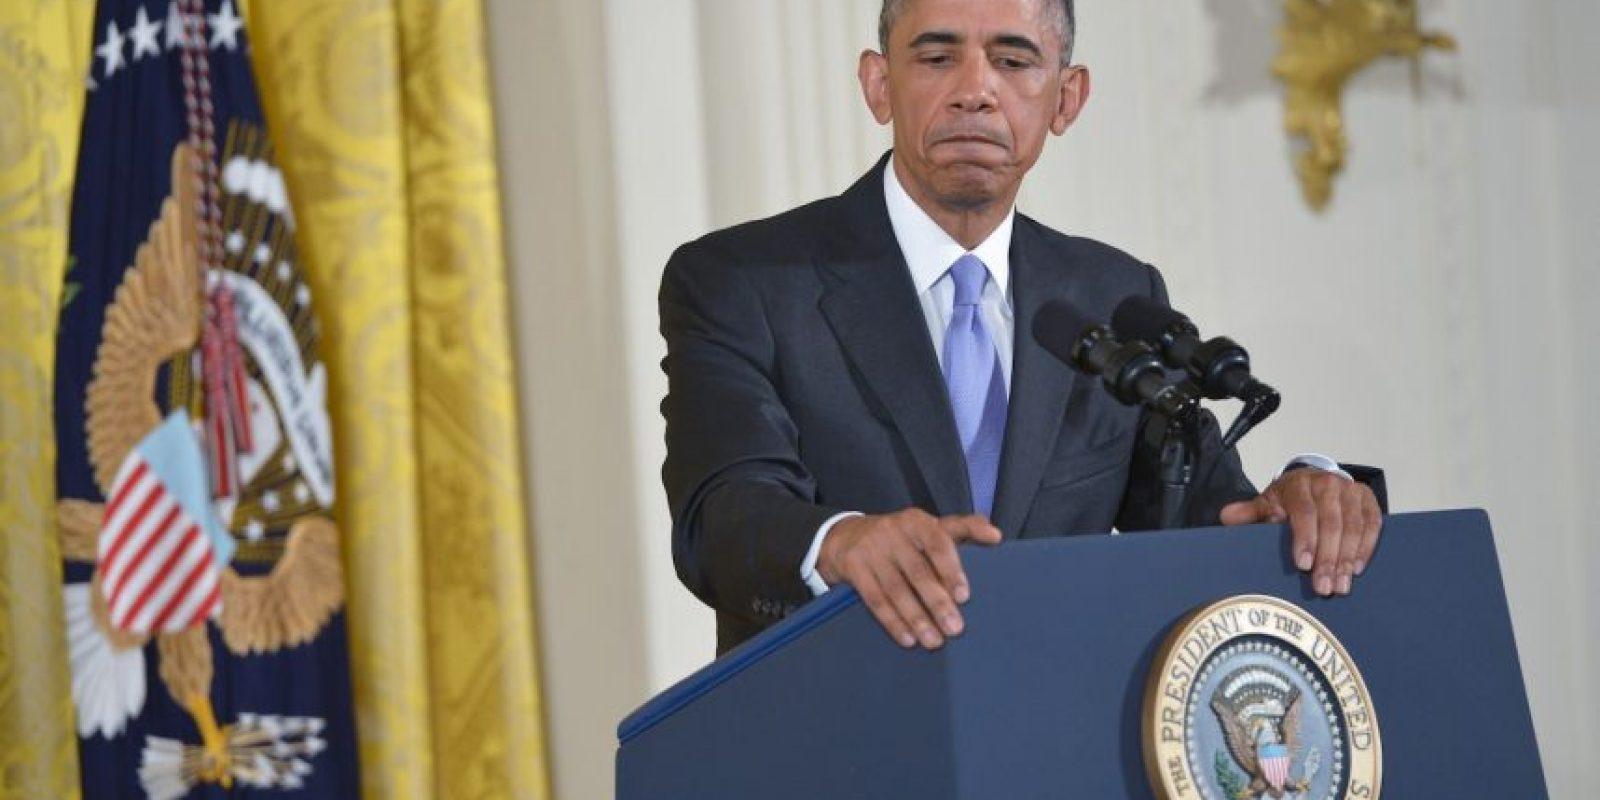 Obama dijo que con el acuerdo Irán no tiene posibilidades de conseguir un arma nuclear, lo que es importante para la seguridad de su país. Foto:AFP